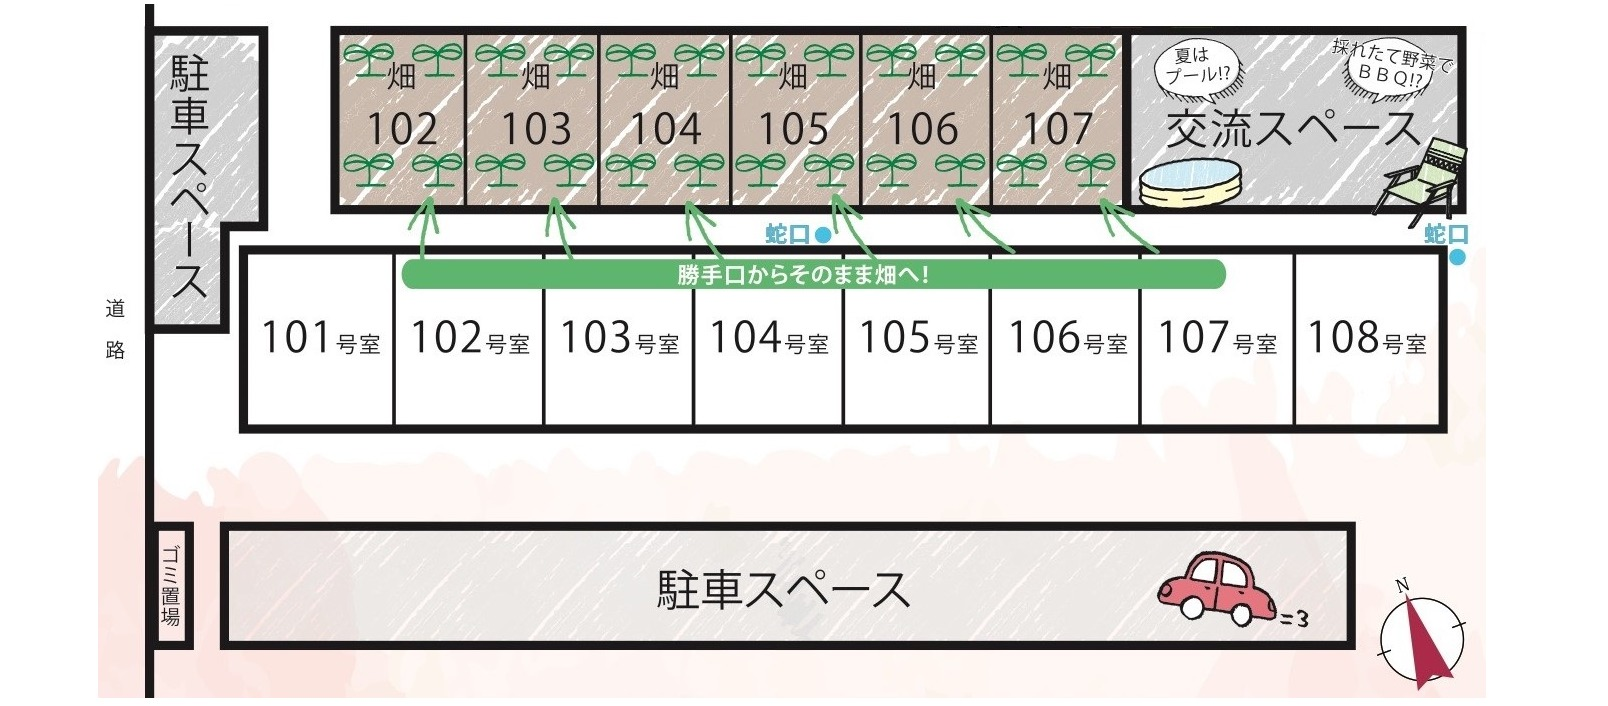 畑付きアパート配置図